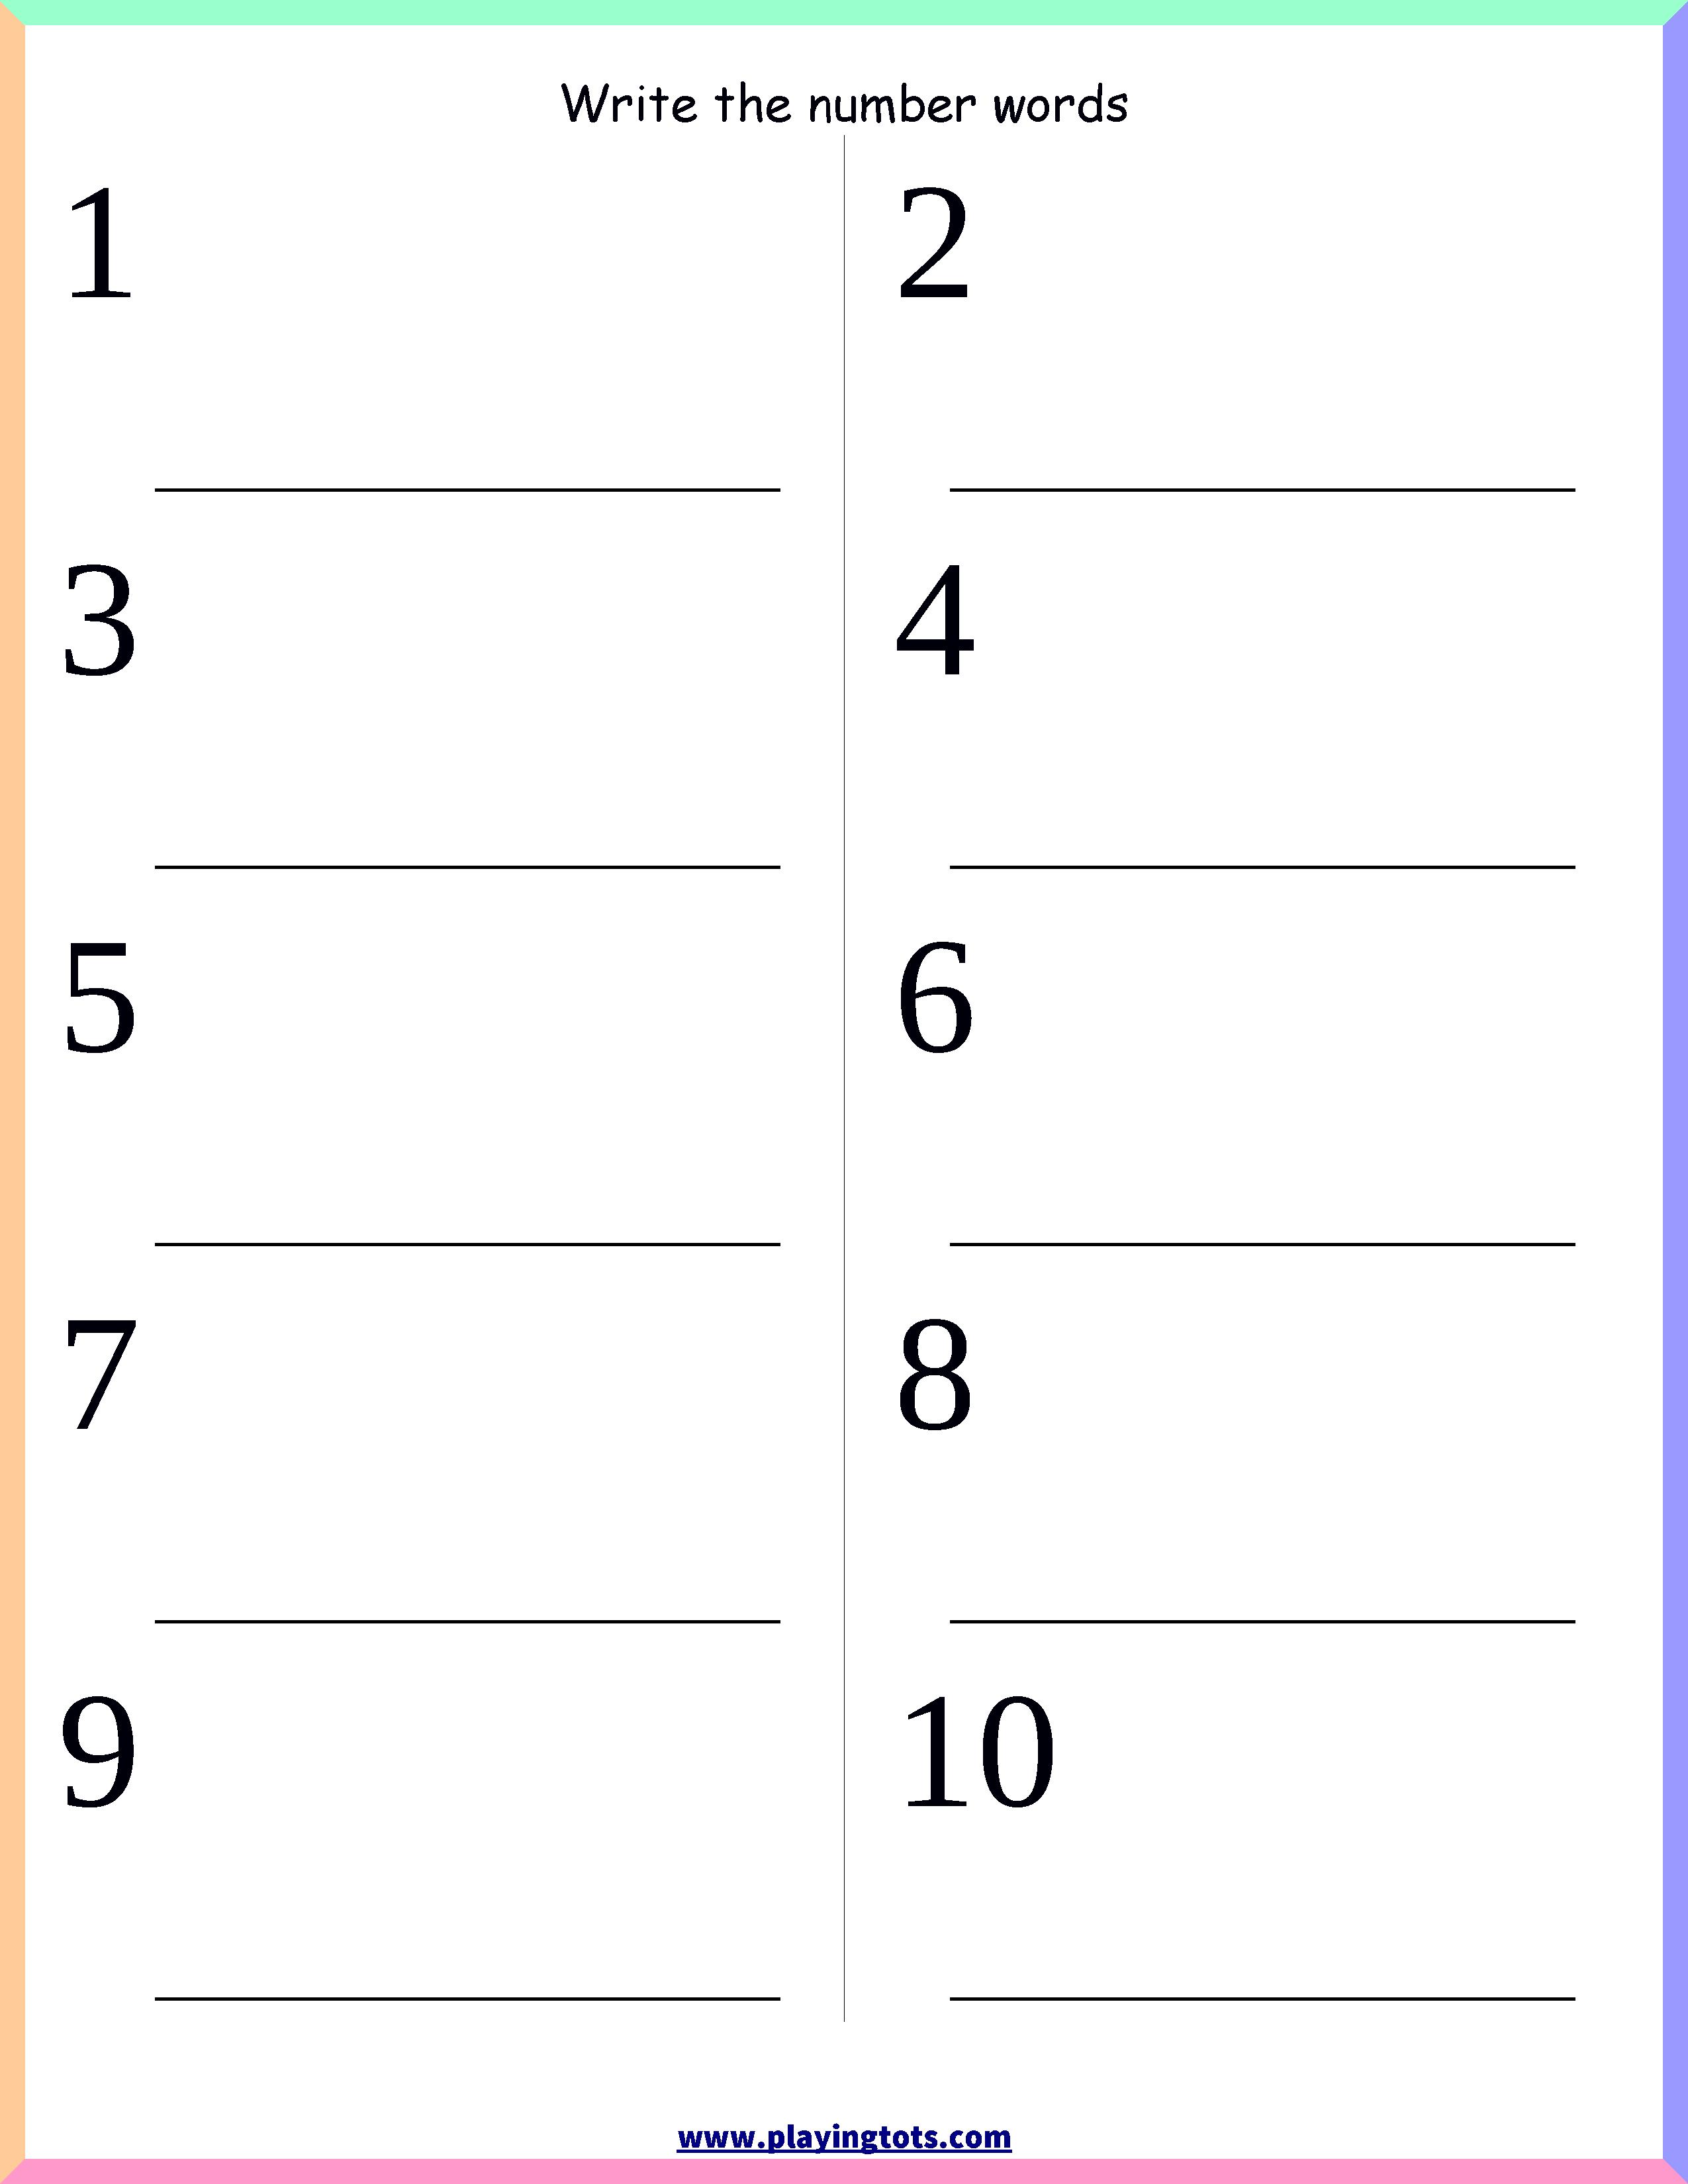 Lkg Maths Worksheets Free Printable Lkg Worksheets Free Printable Number Words Worksheets Number Words Kindergarten Math Worksheets Free